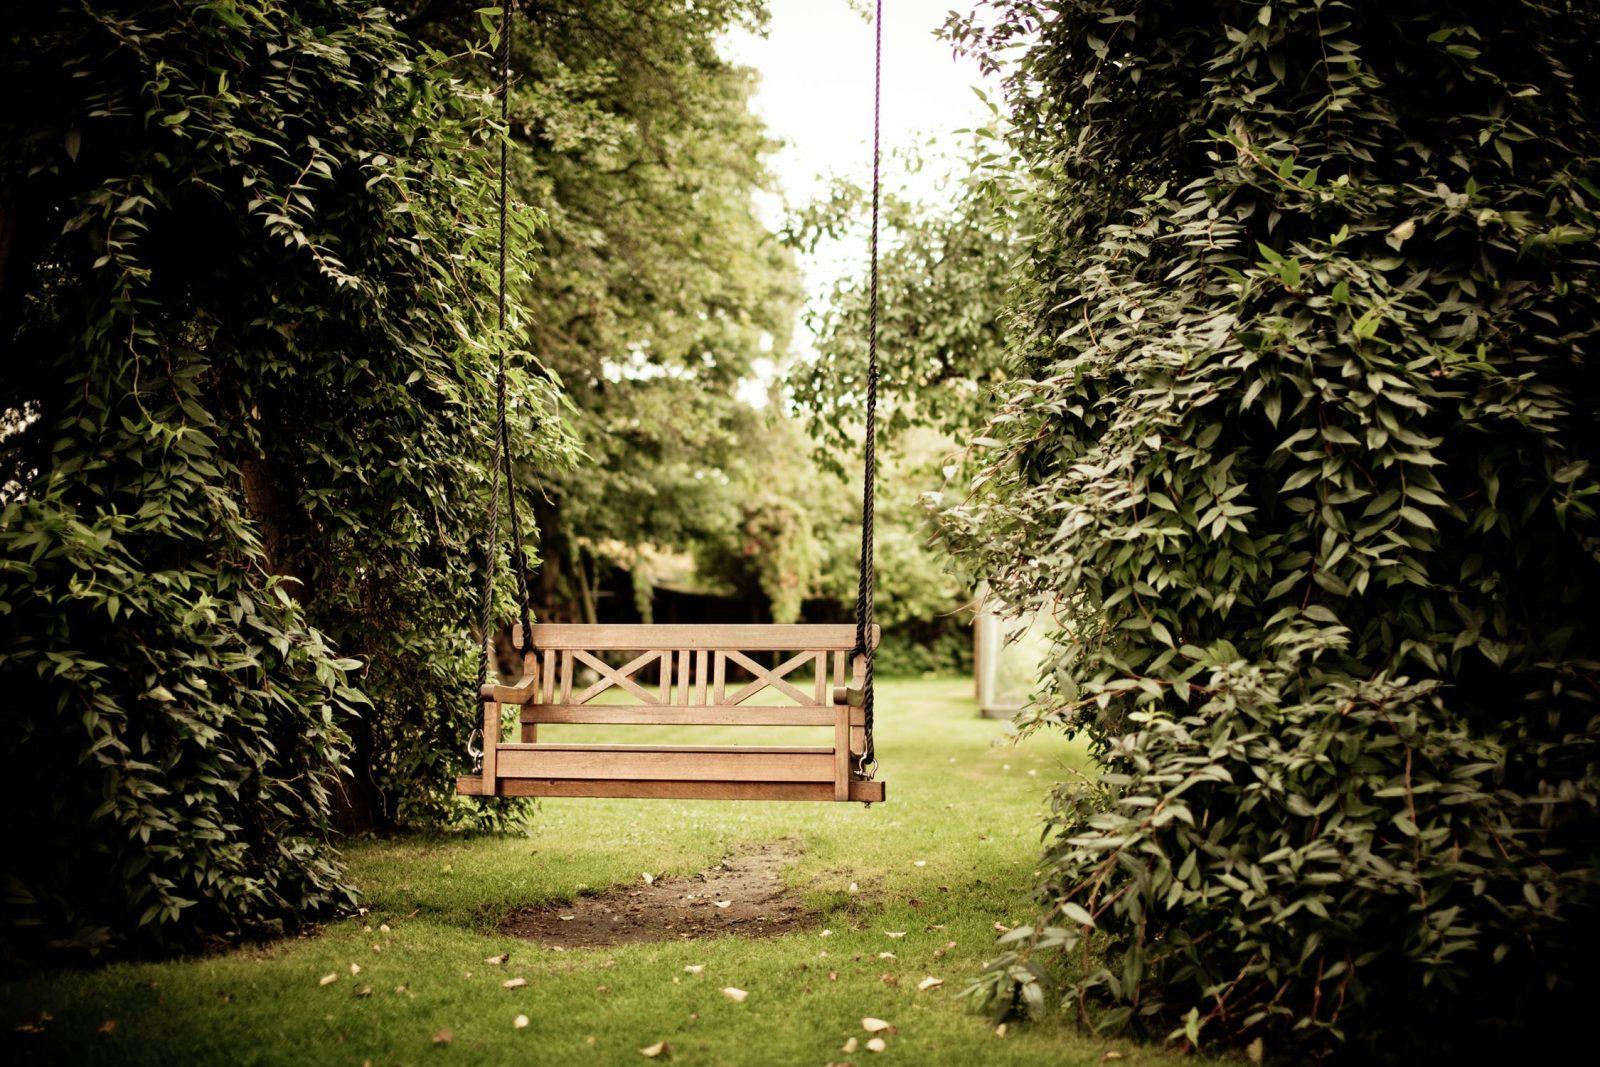 Garden Swing - Garden Trends 2020 - Awningsouth Blog